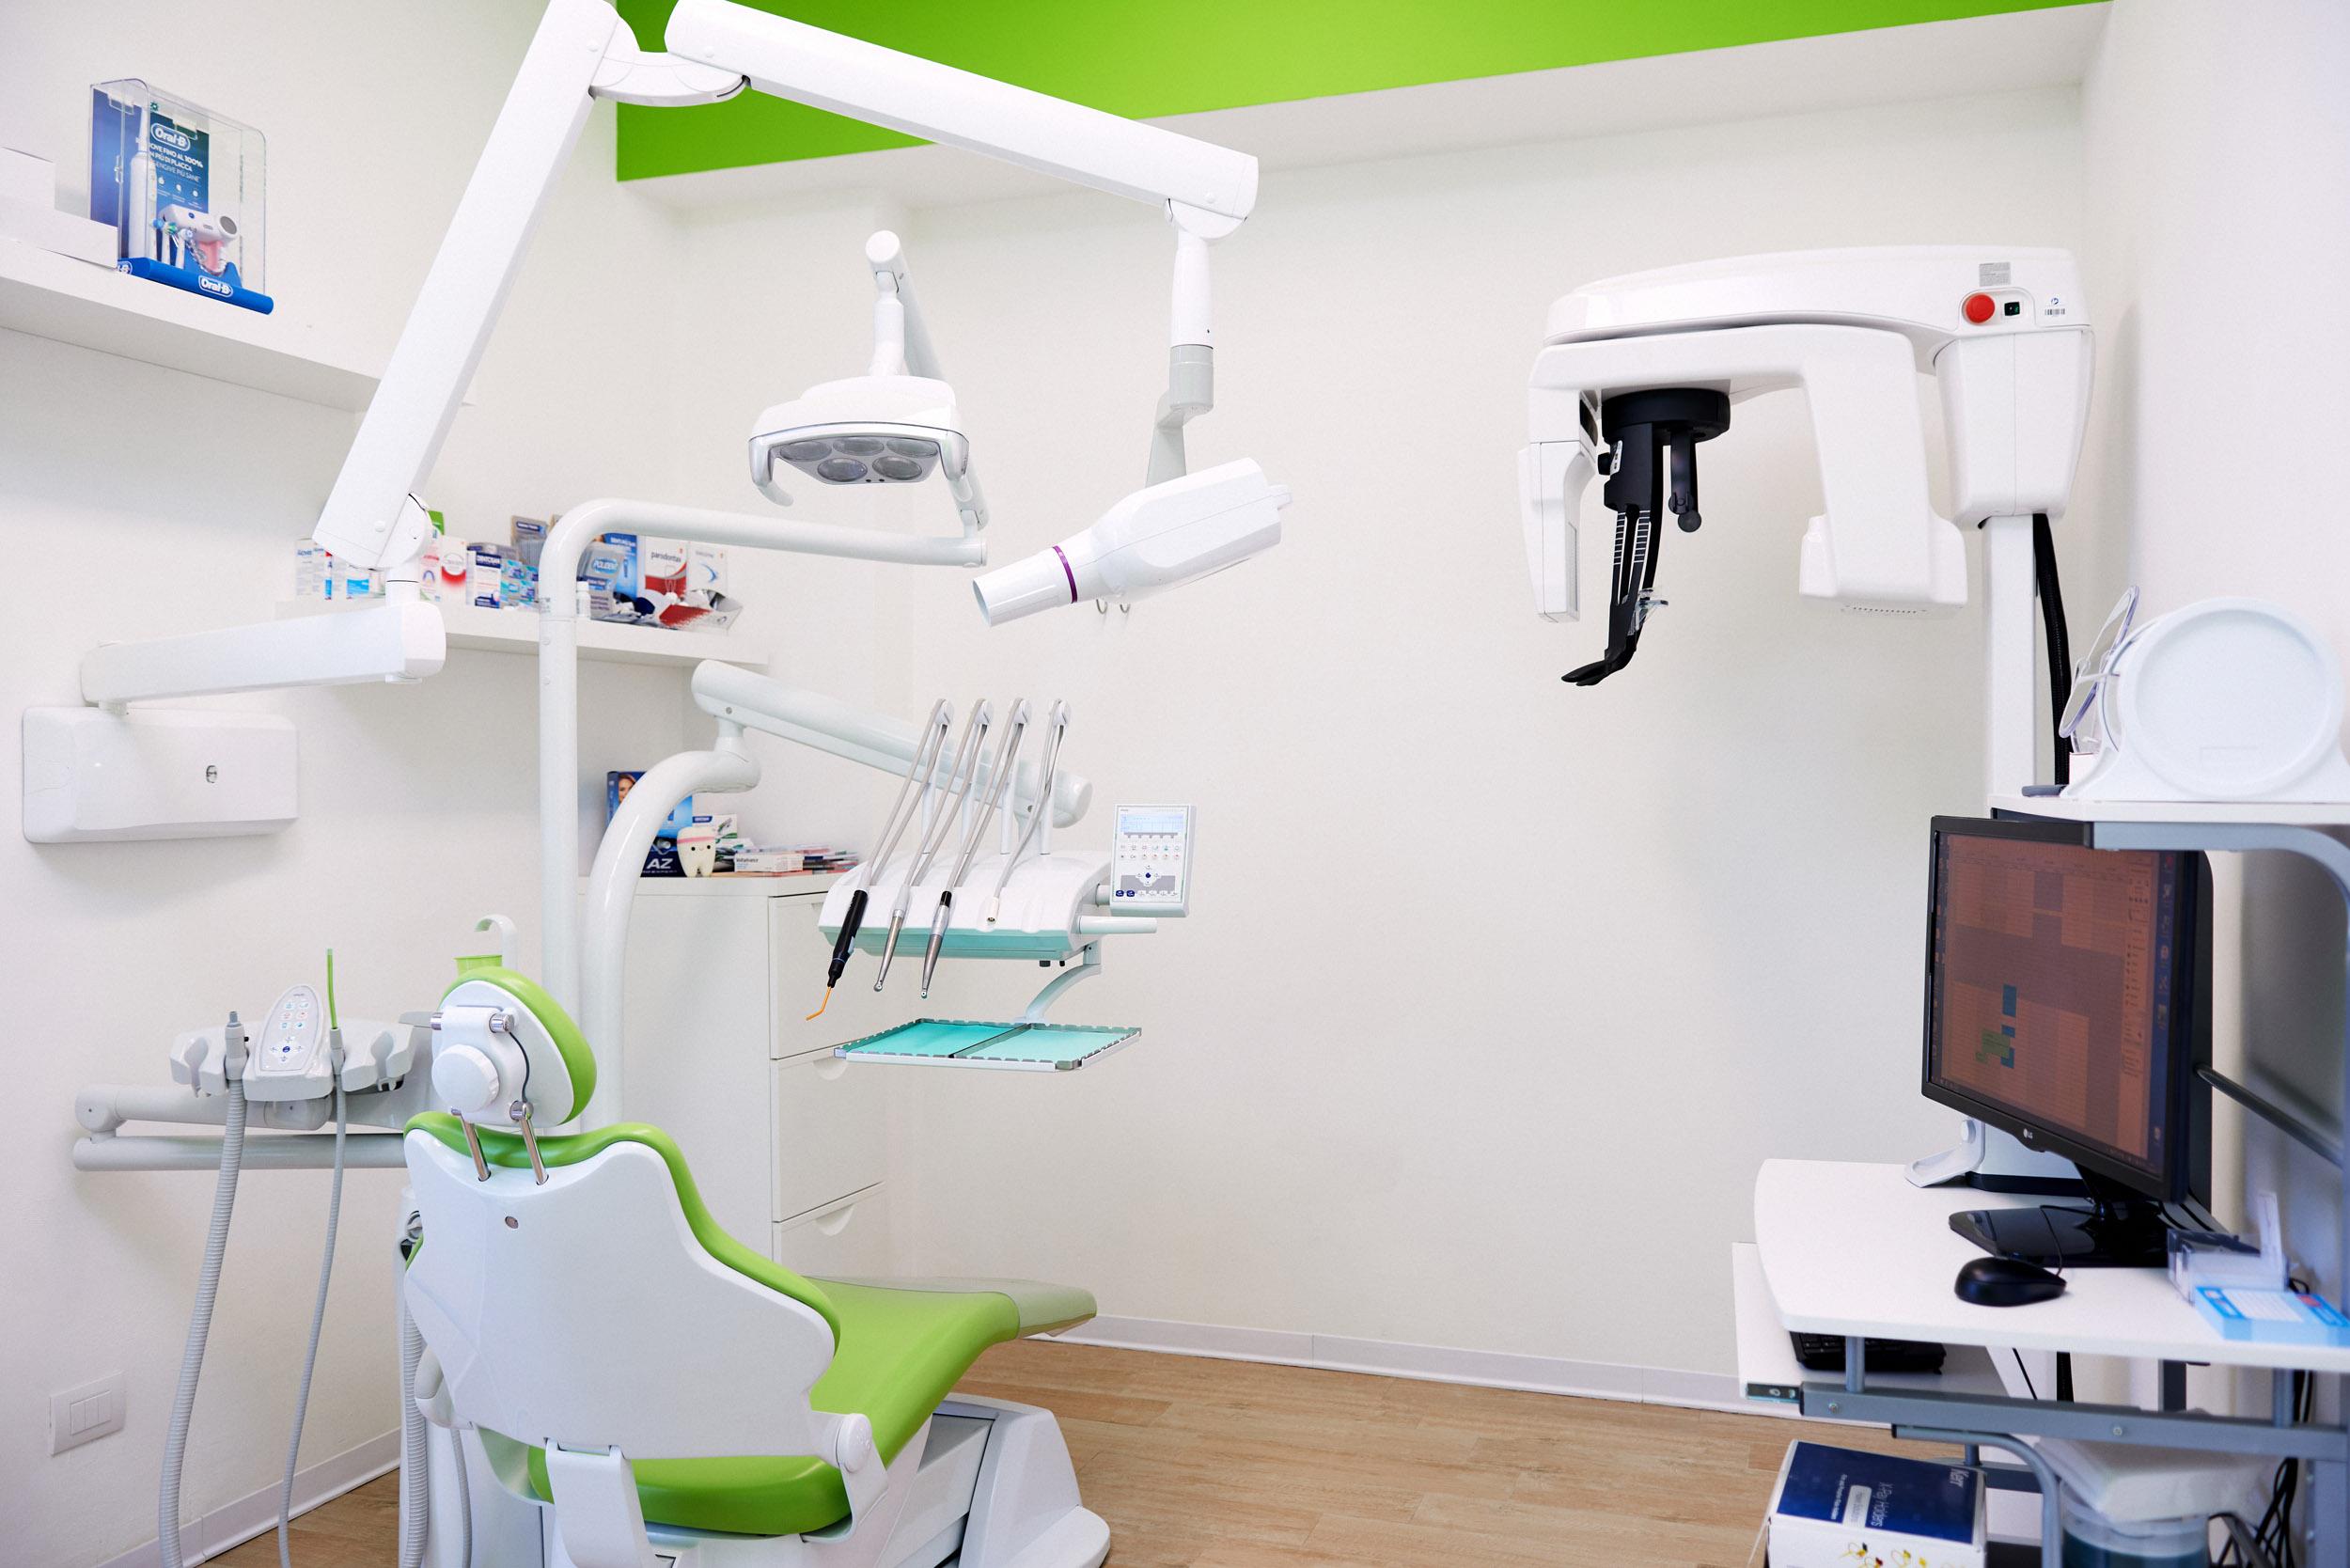 tac e panoramica dentale